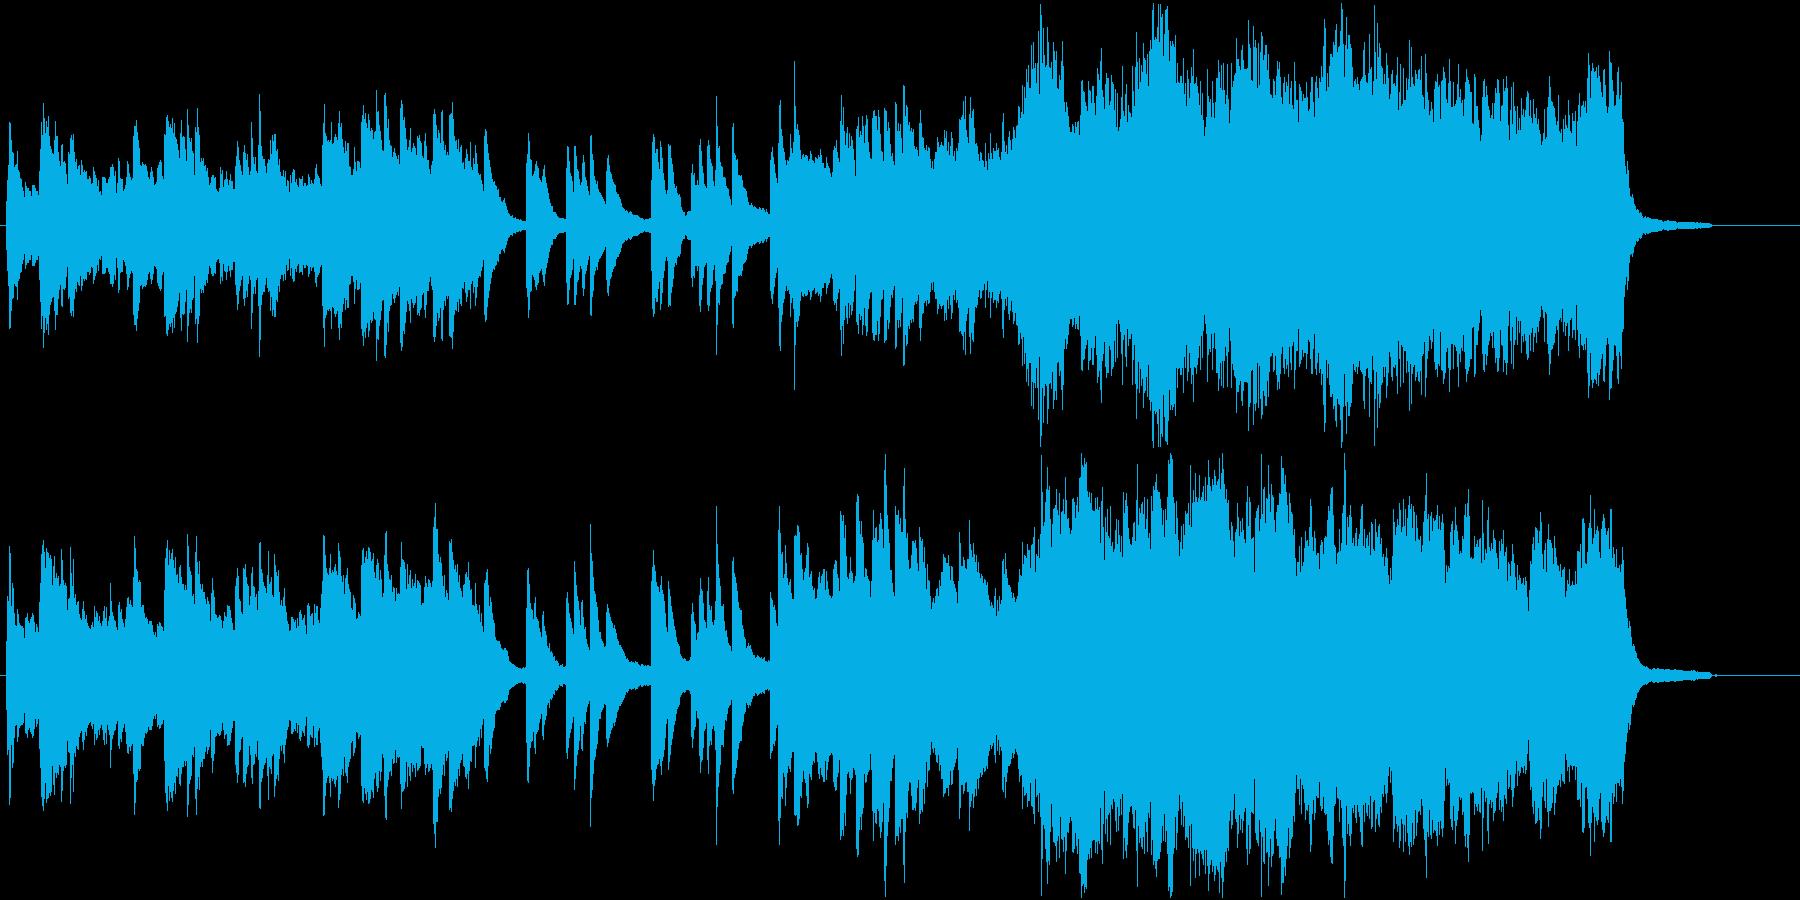 感動のオーケストラの再生済みの波形